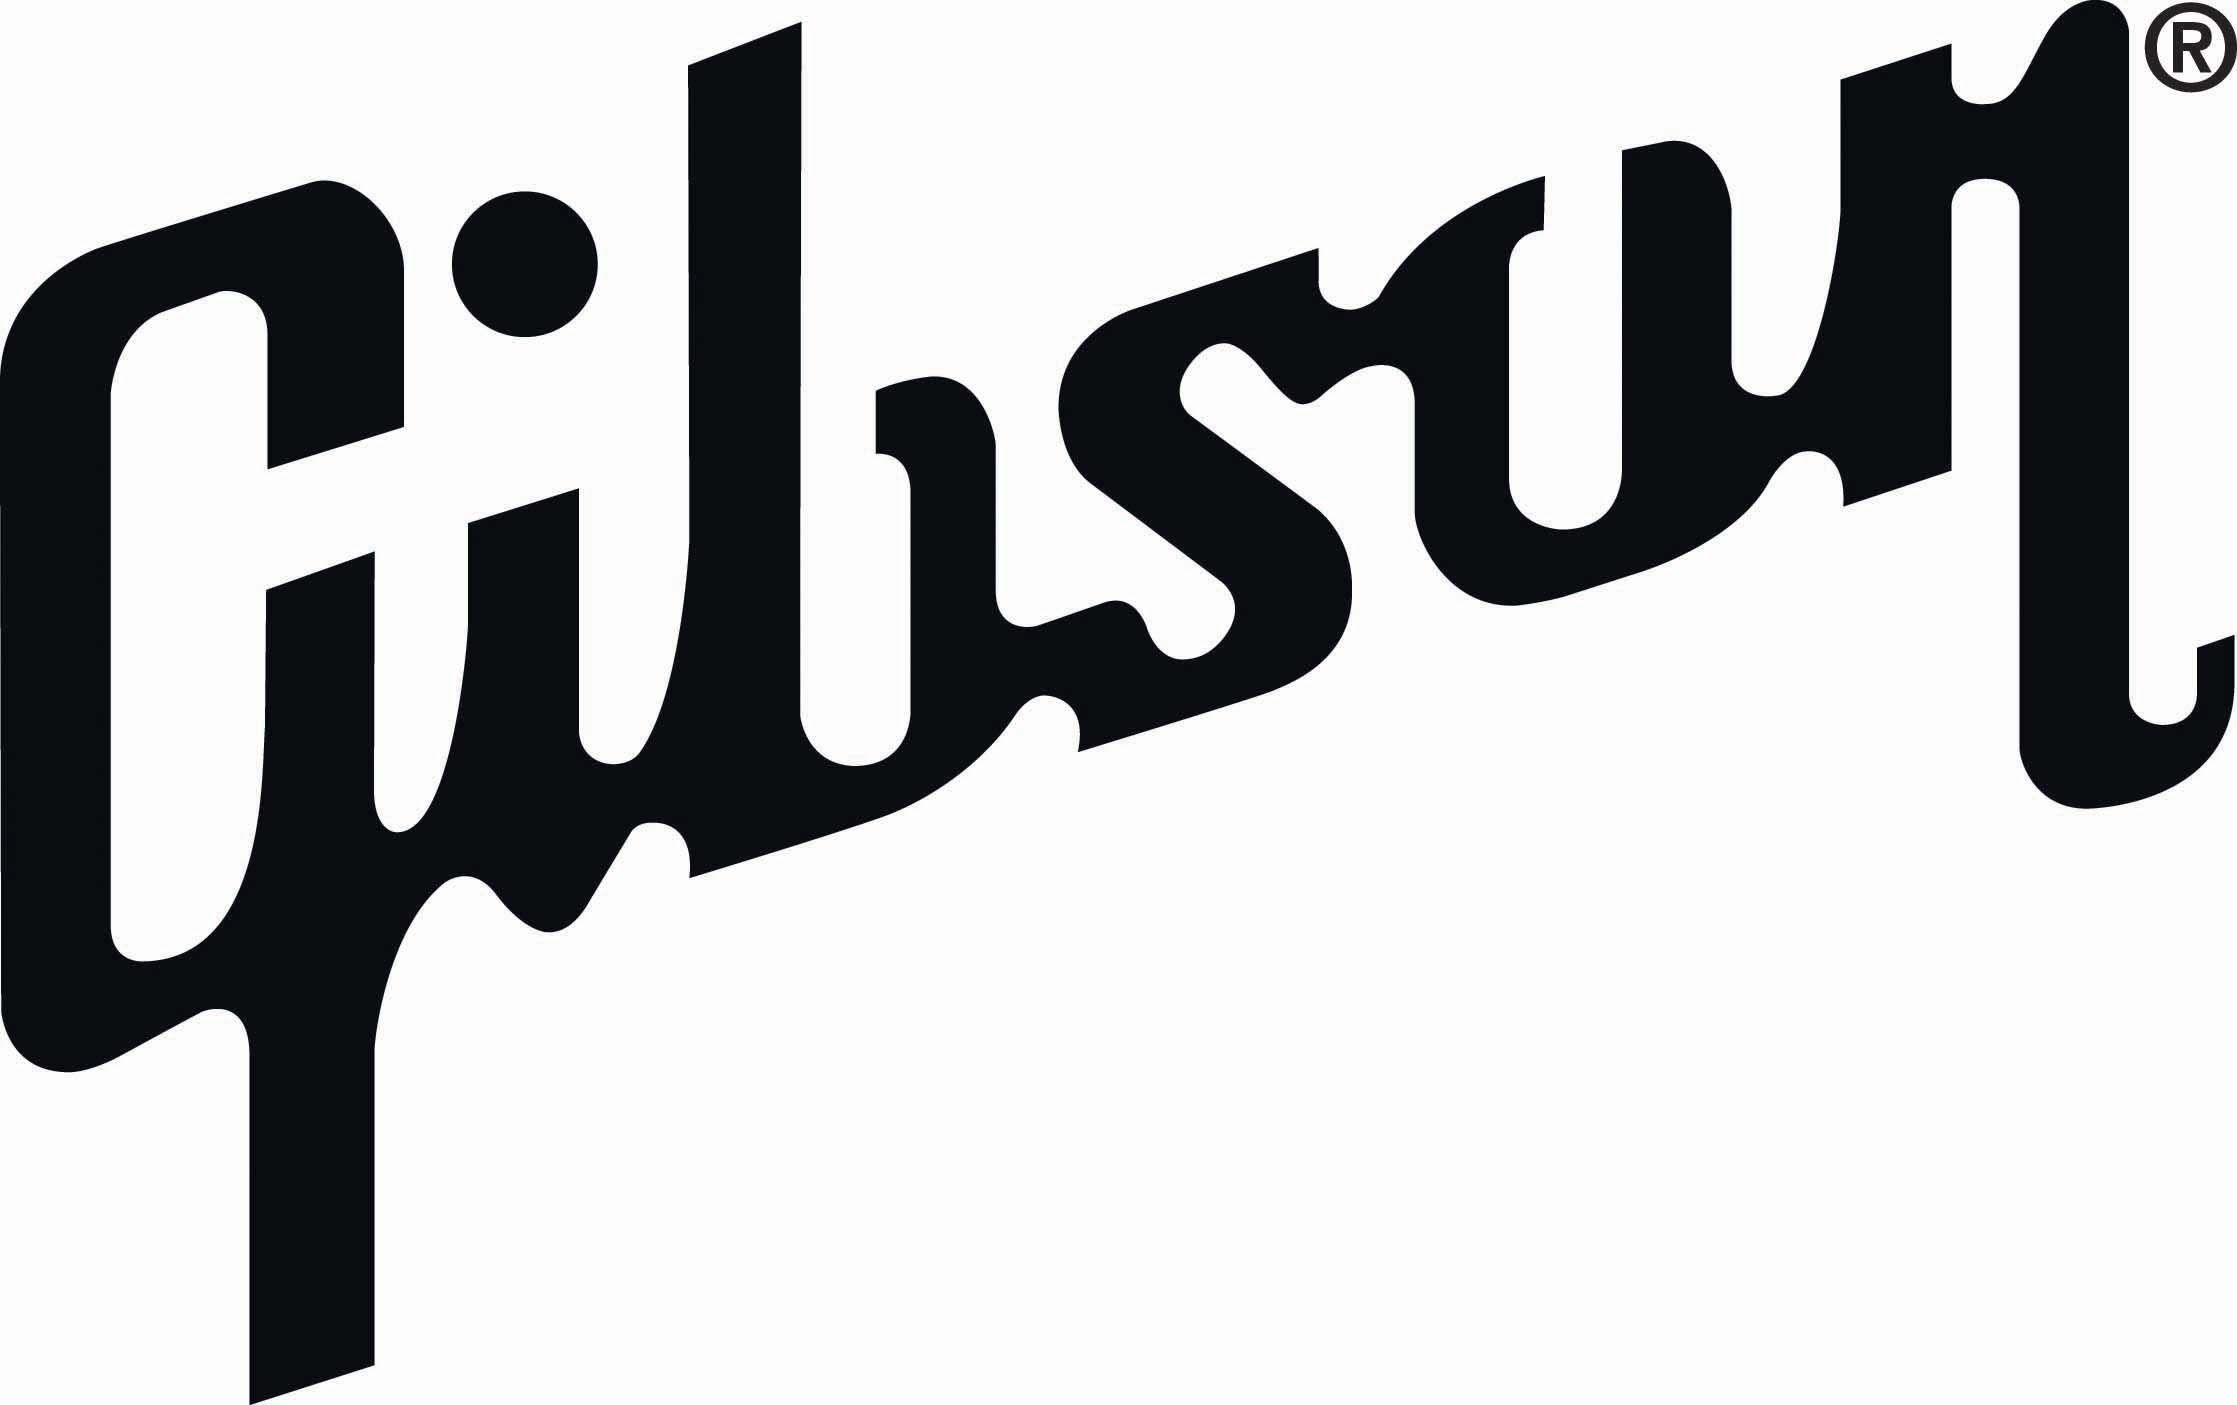 gibson vs fender gibson guitars guitars and logos rh pinterest co uk fender guitar logo font fender logo font download